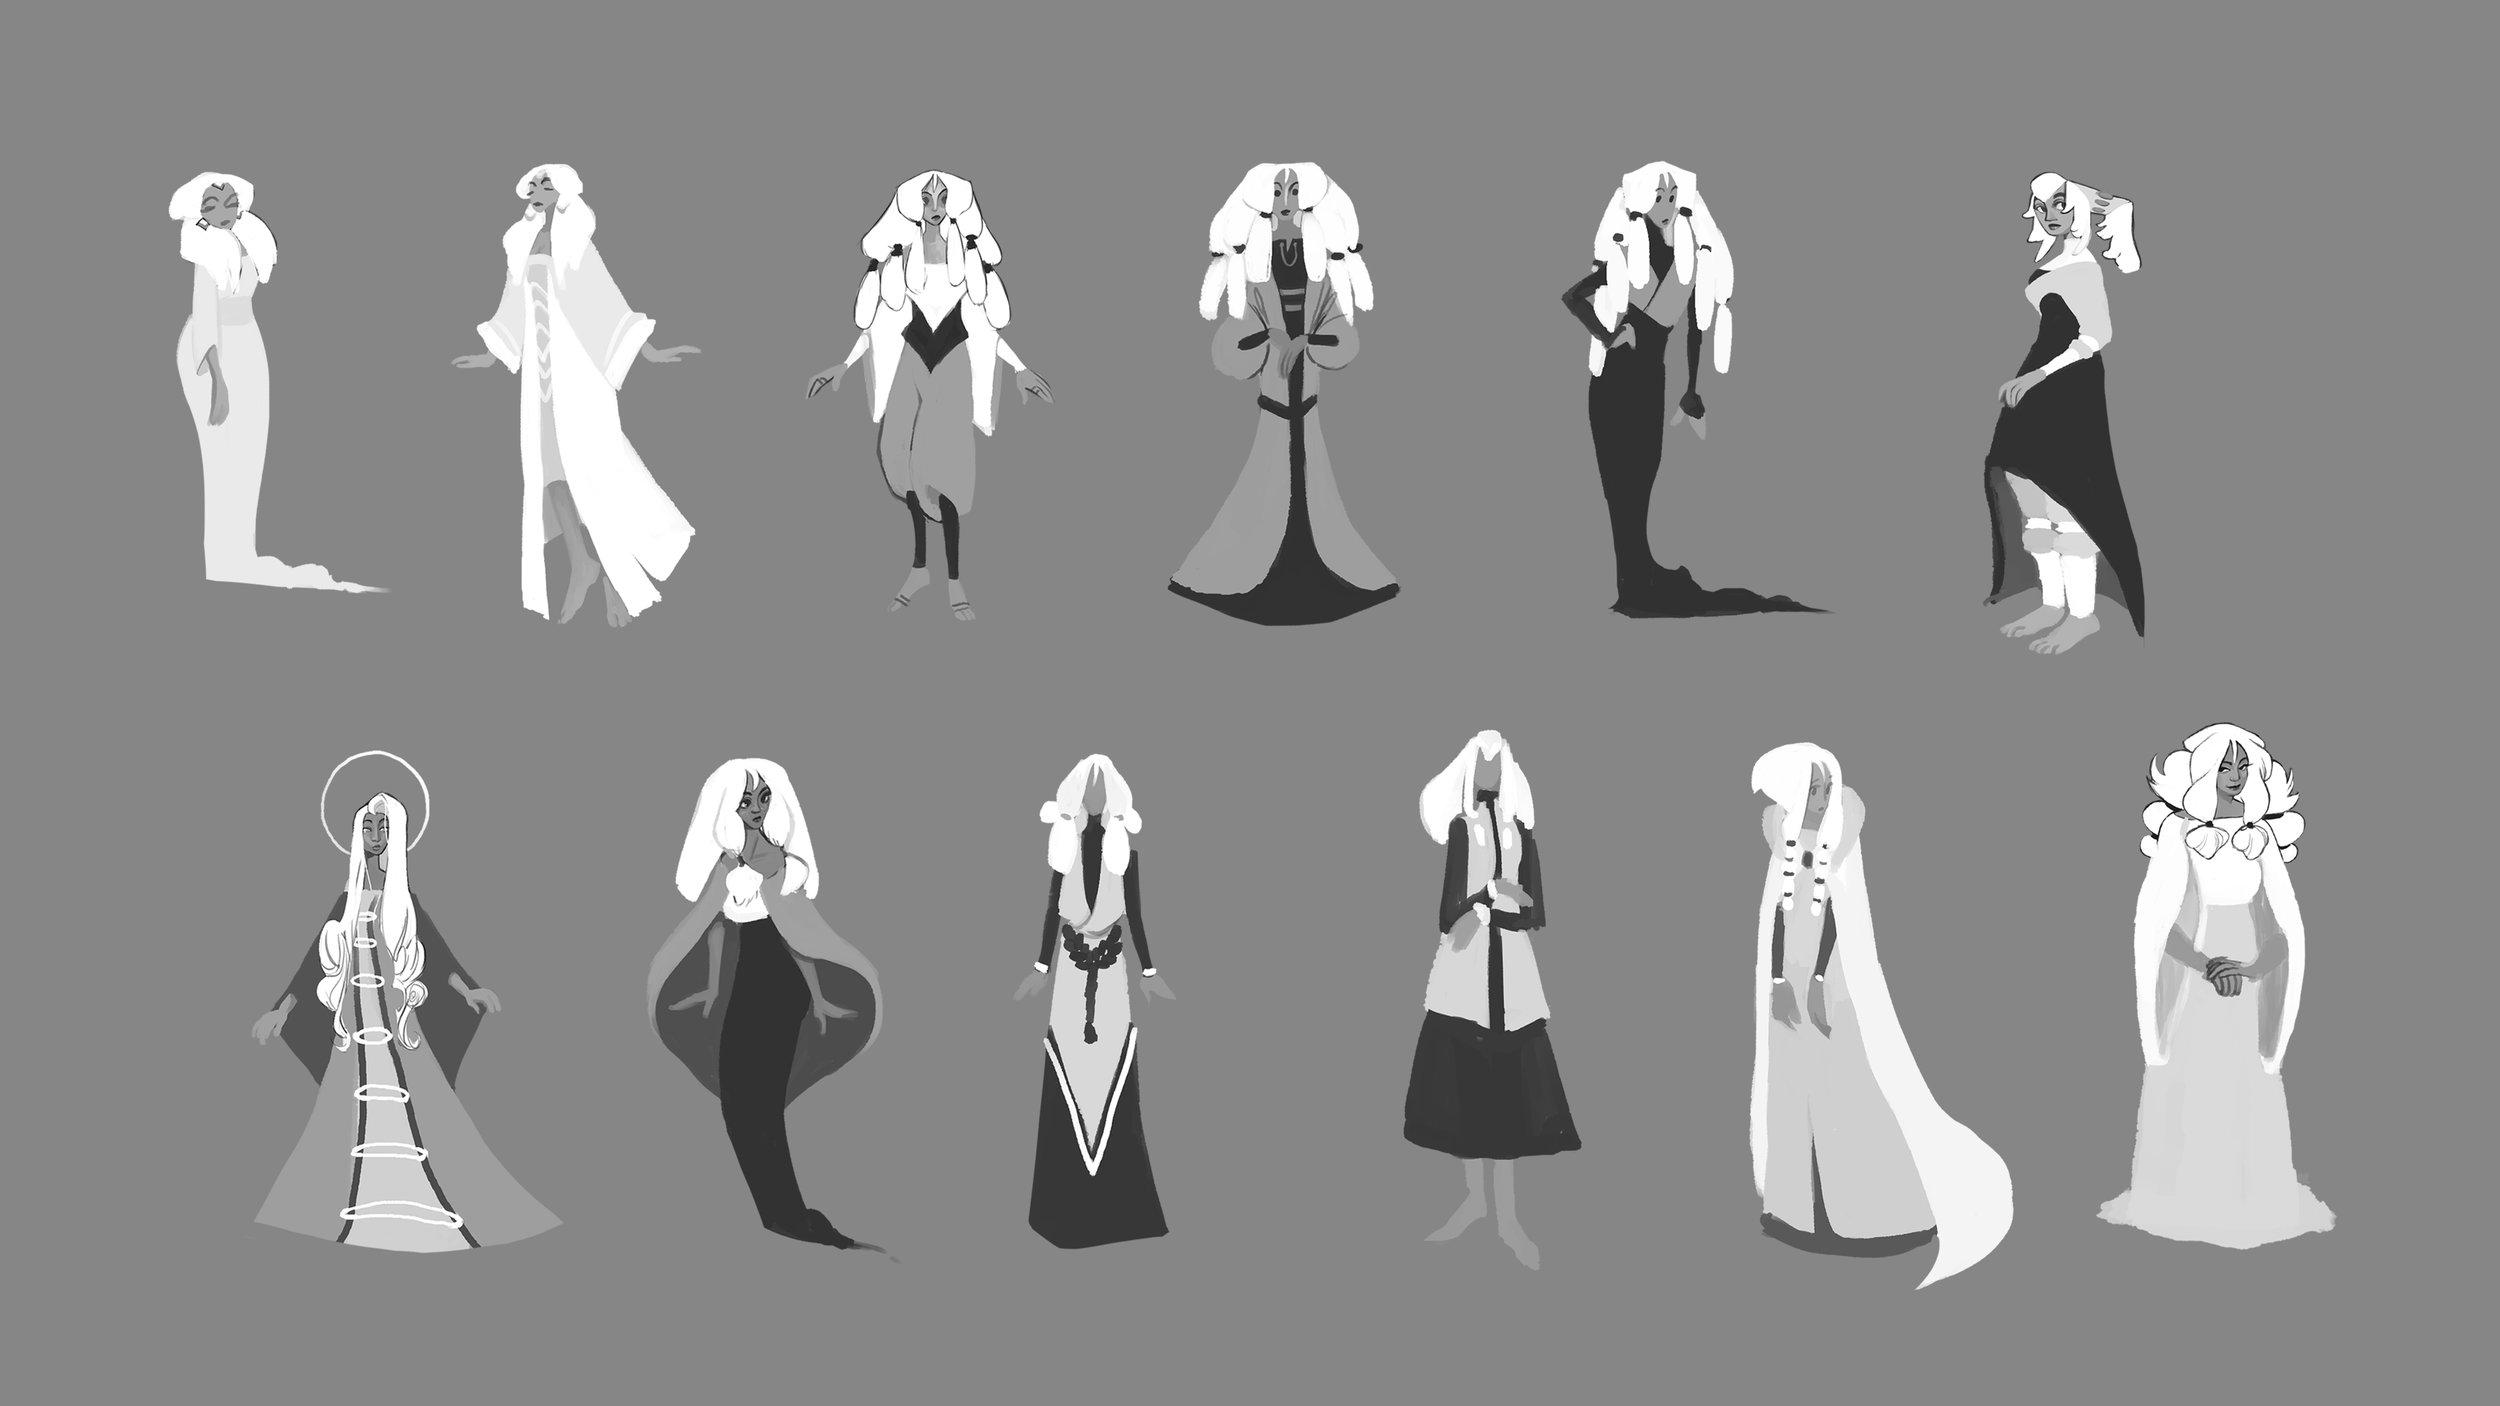 character design09012017.jpg